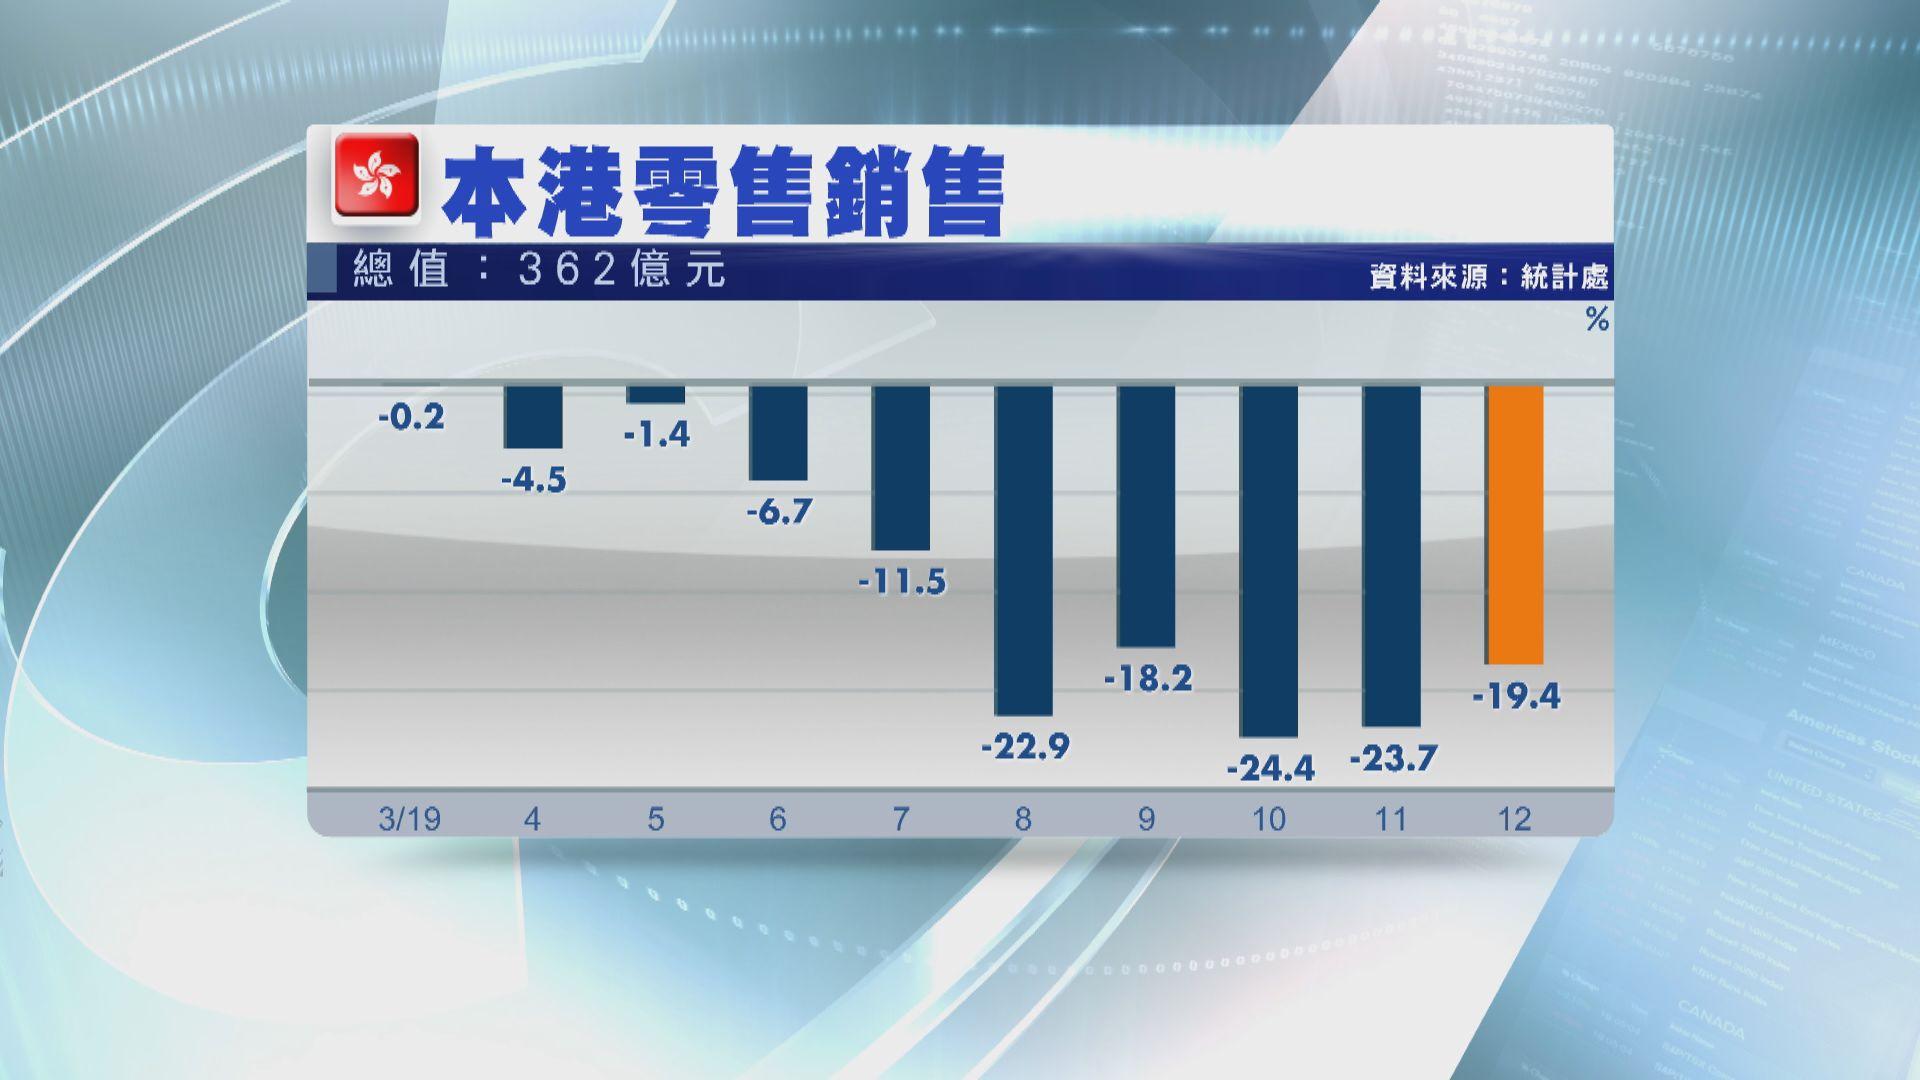 【連跌11個月】本港去年12月零售銷售跌逾19%